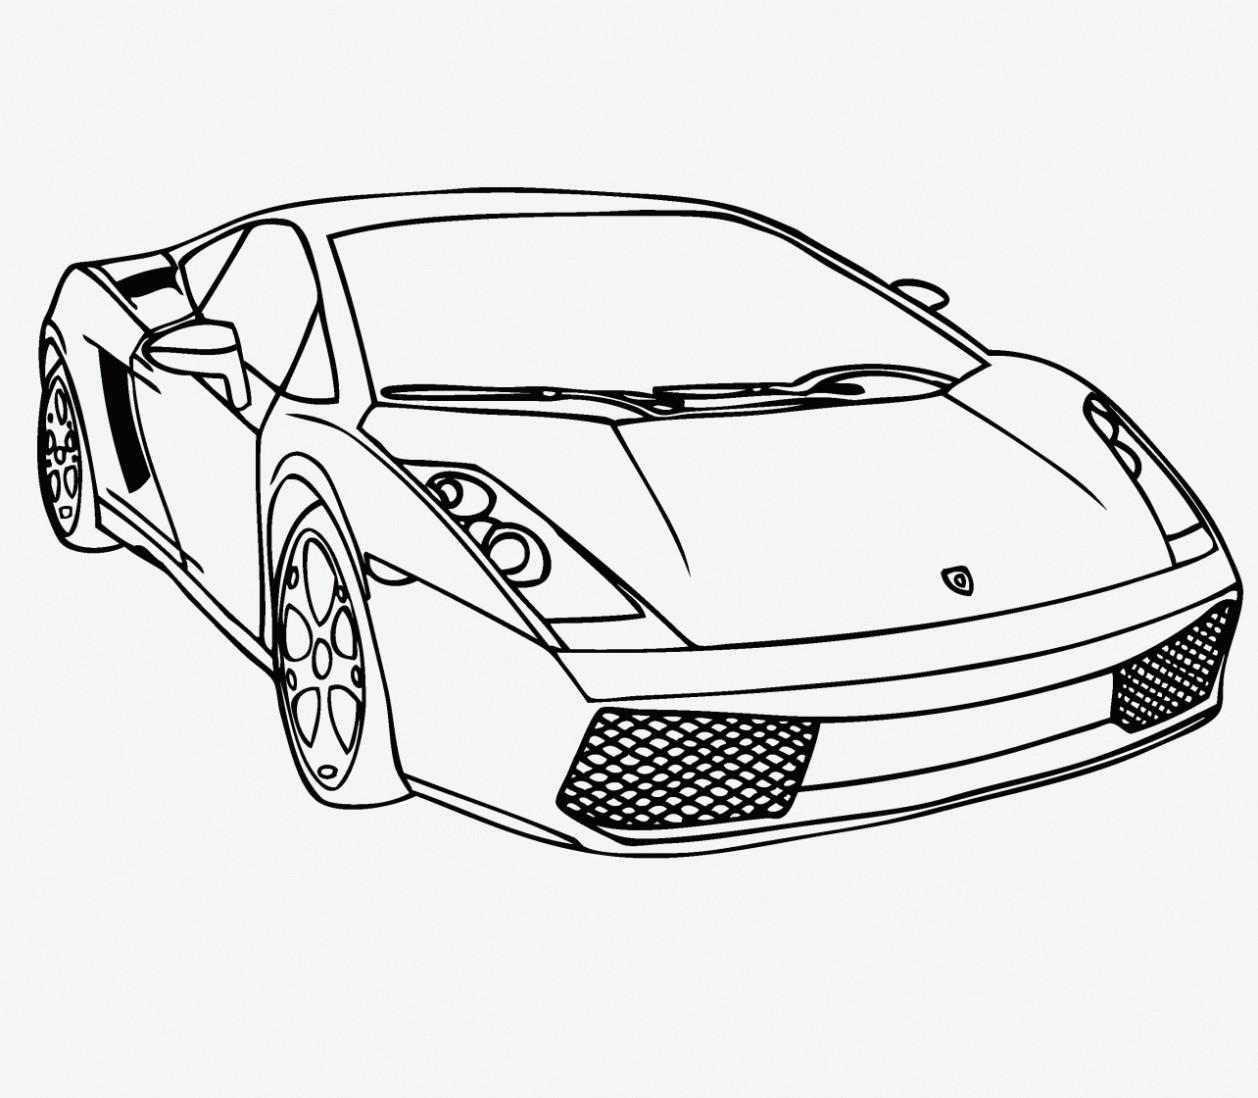 Ausmalbilder Zum Ausdrucken Autos Neu Autos Ausmalbilder Bilder Zum Ausmalen Bekommen White Bugatti Bild